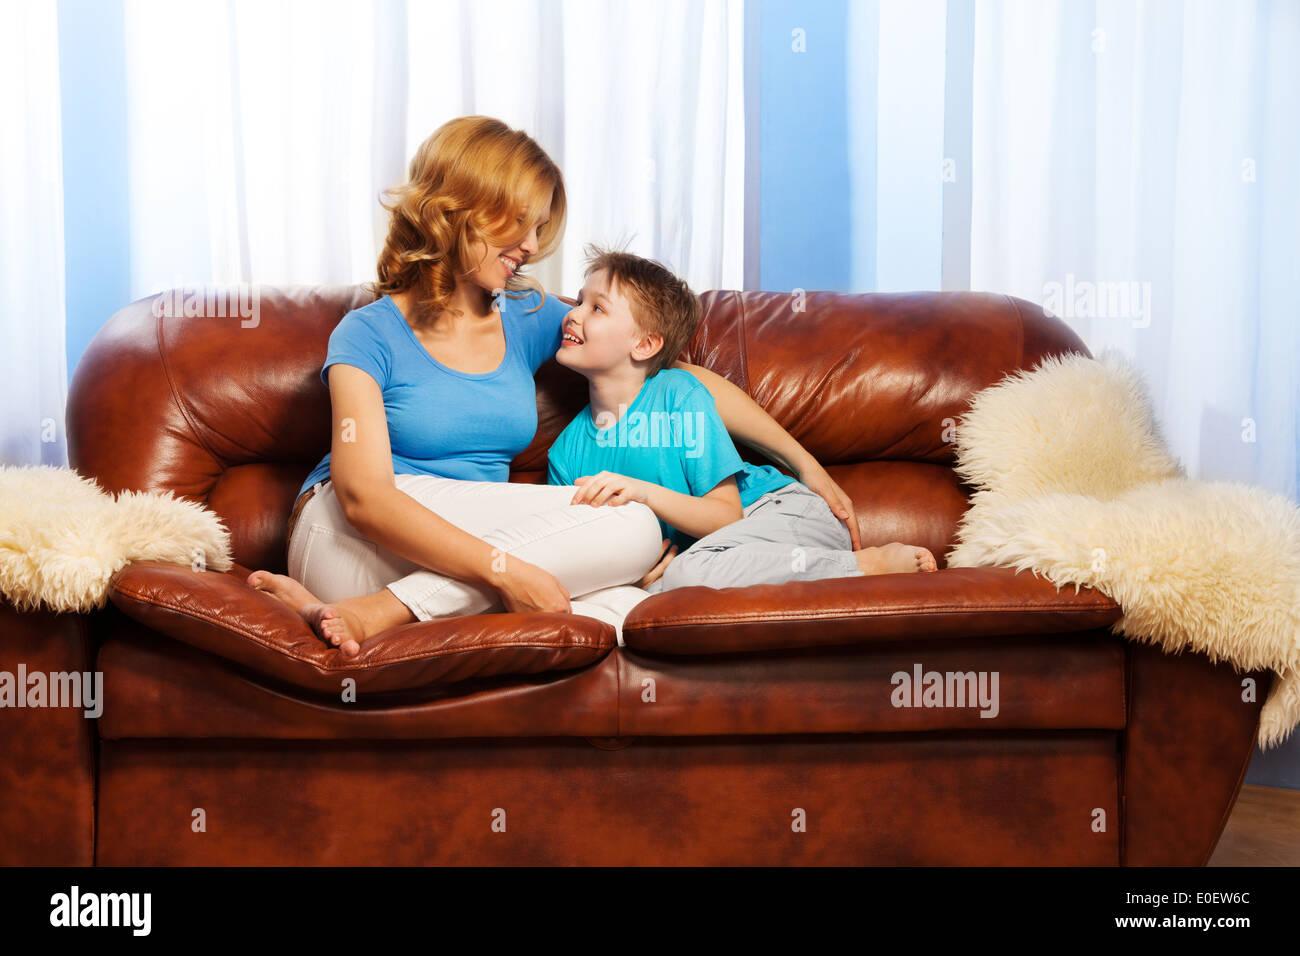 Чулки мамы возбудили сына, Ножки мамы в колготках возбудили сына 11 фотография